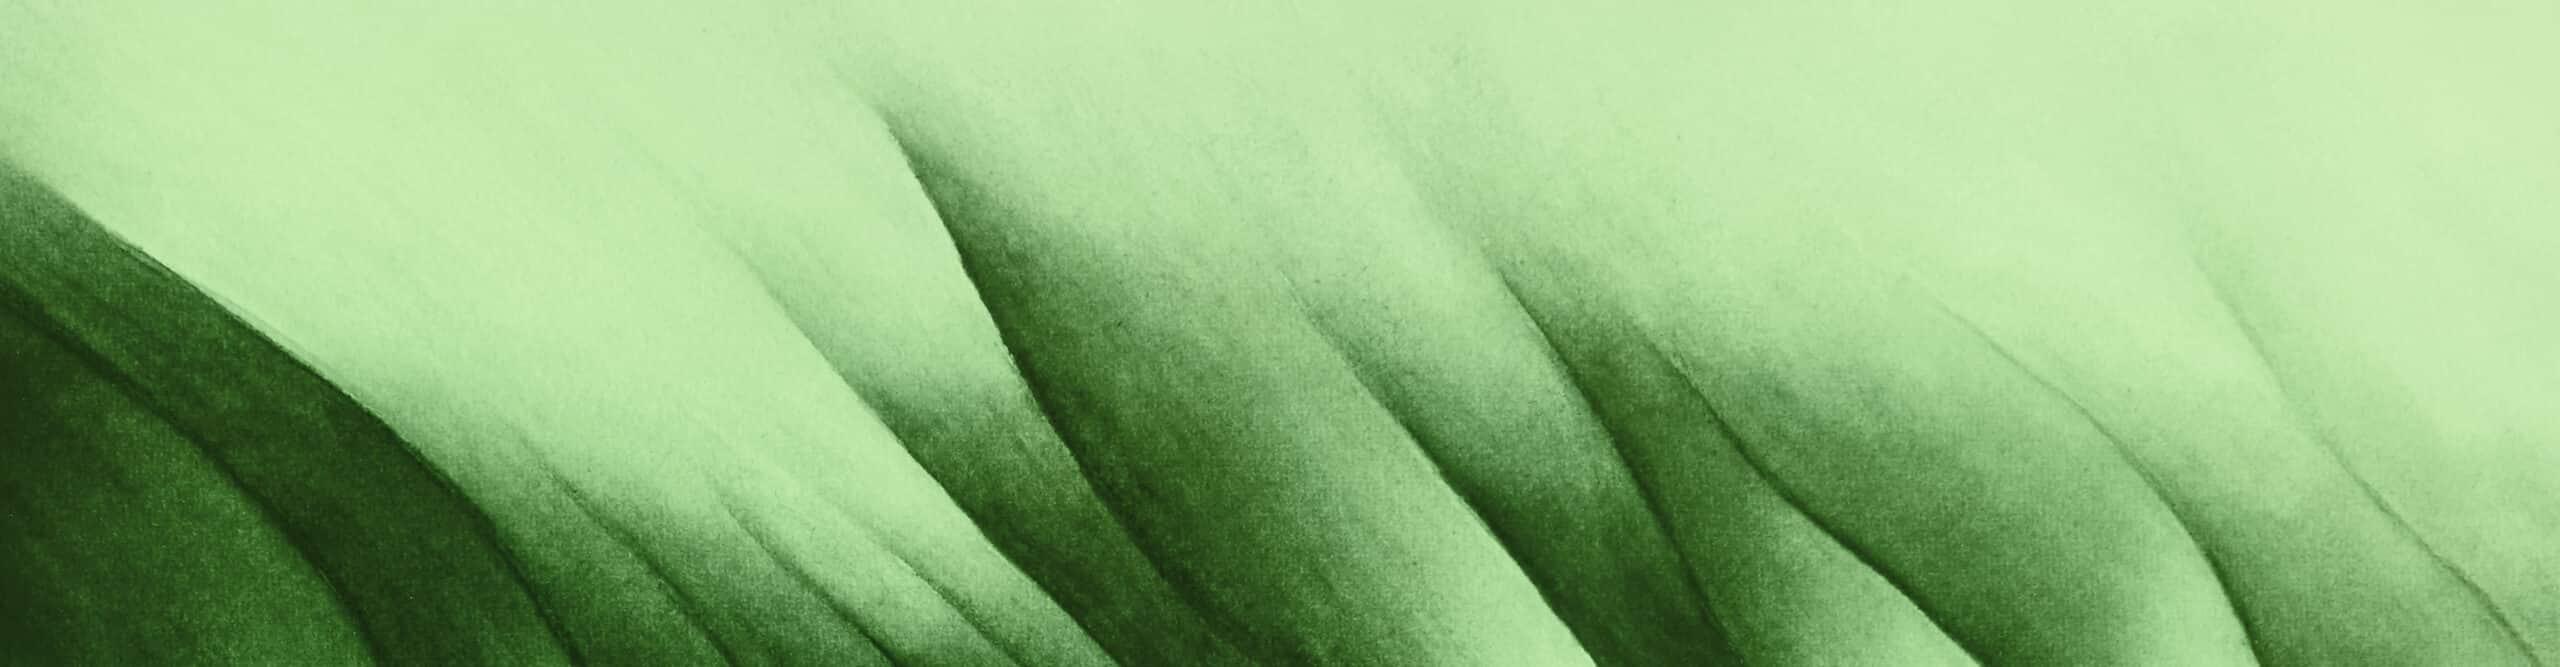 Praxis Perspektive bietet Hypnose in Freiburg bei psychosomatischen Beschwerden